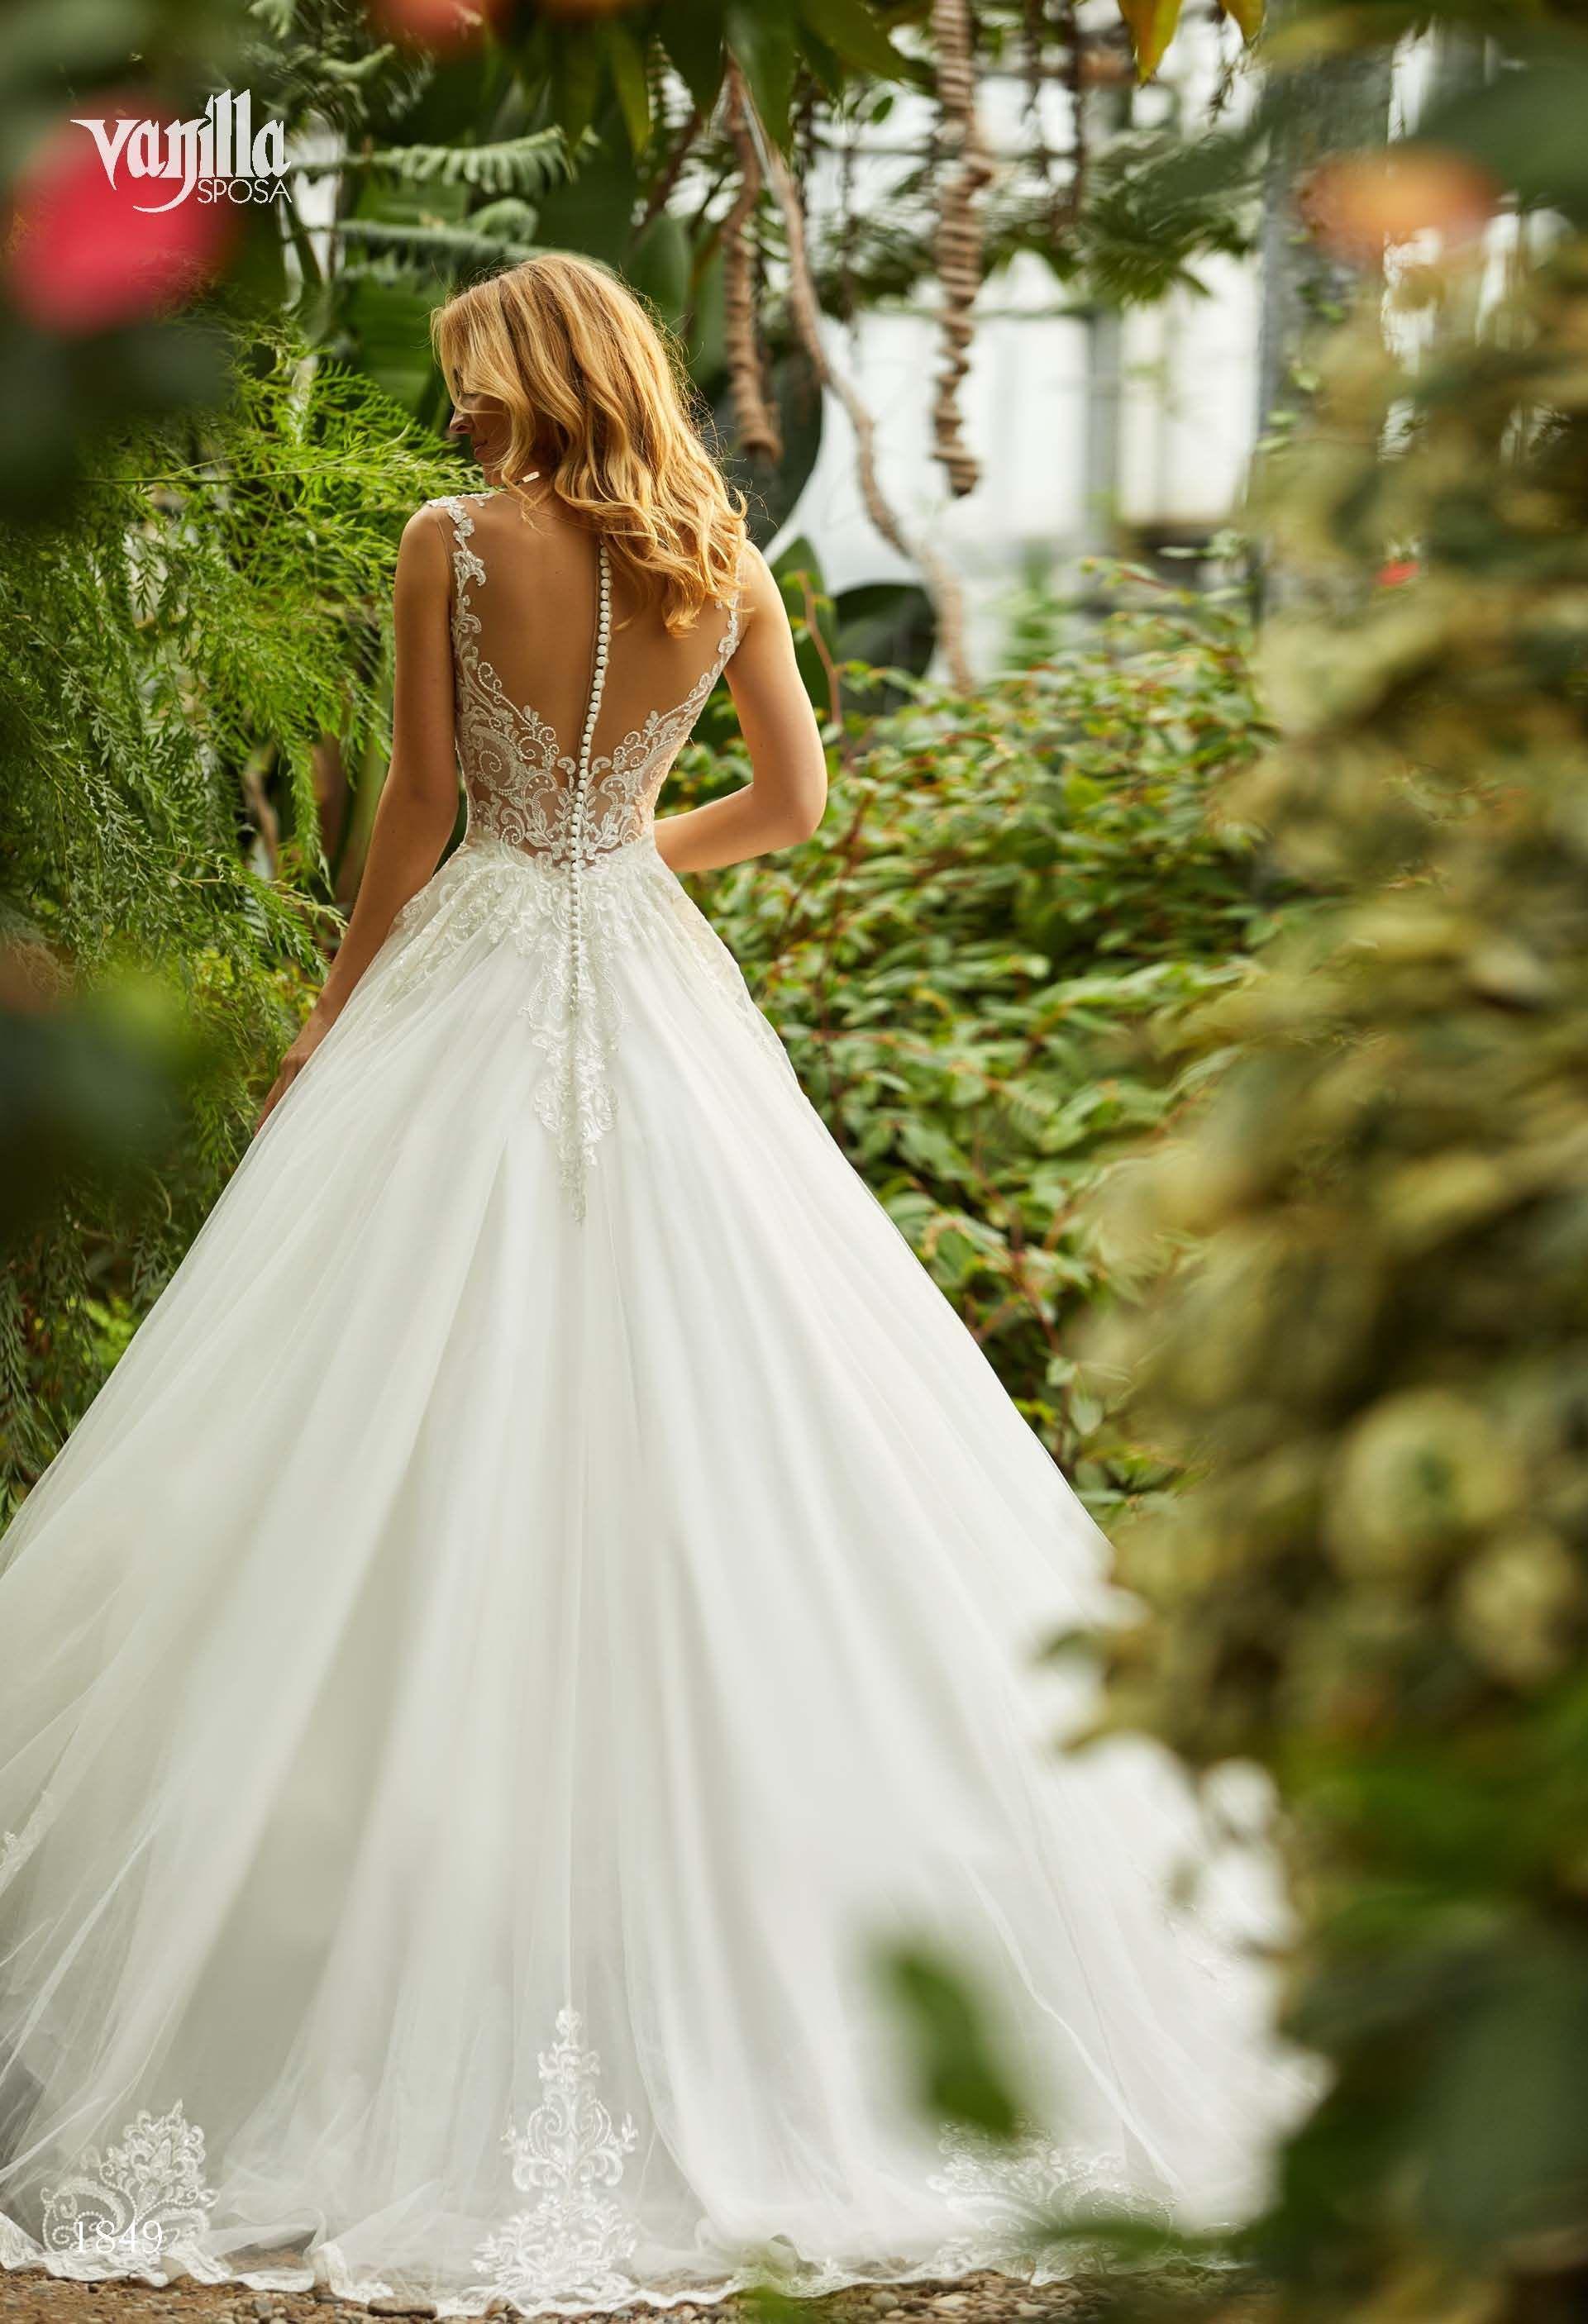 Vanilla Sposa 1849 Bailando Boutique Wedding Gowns Wedding